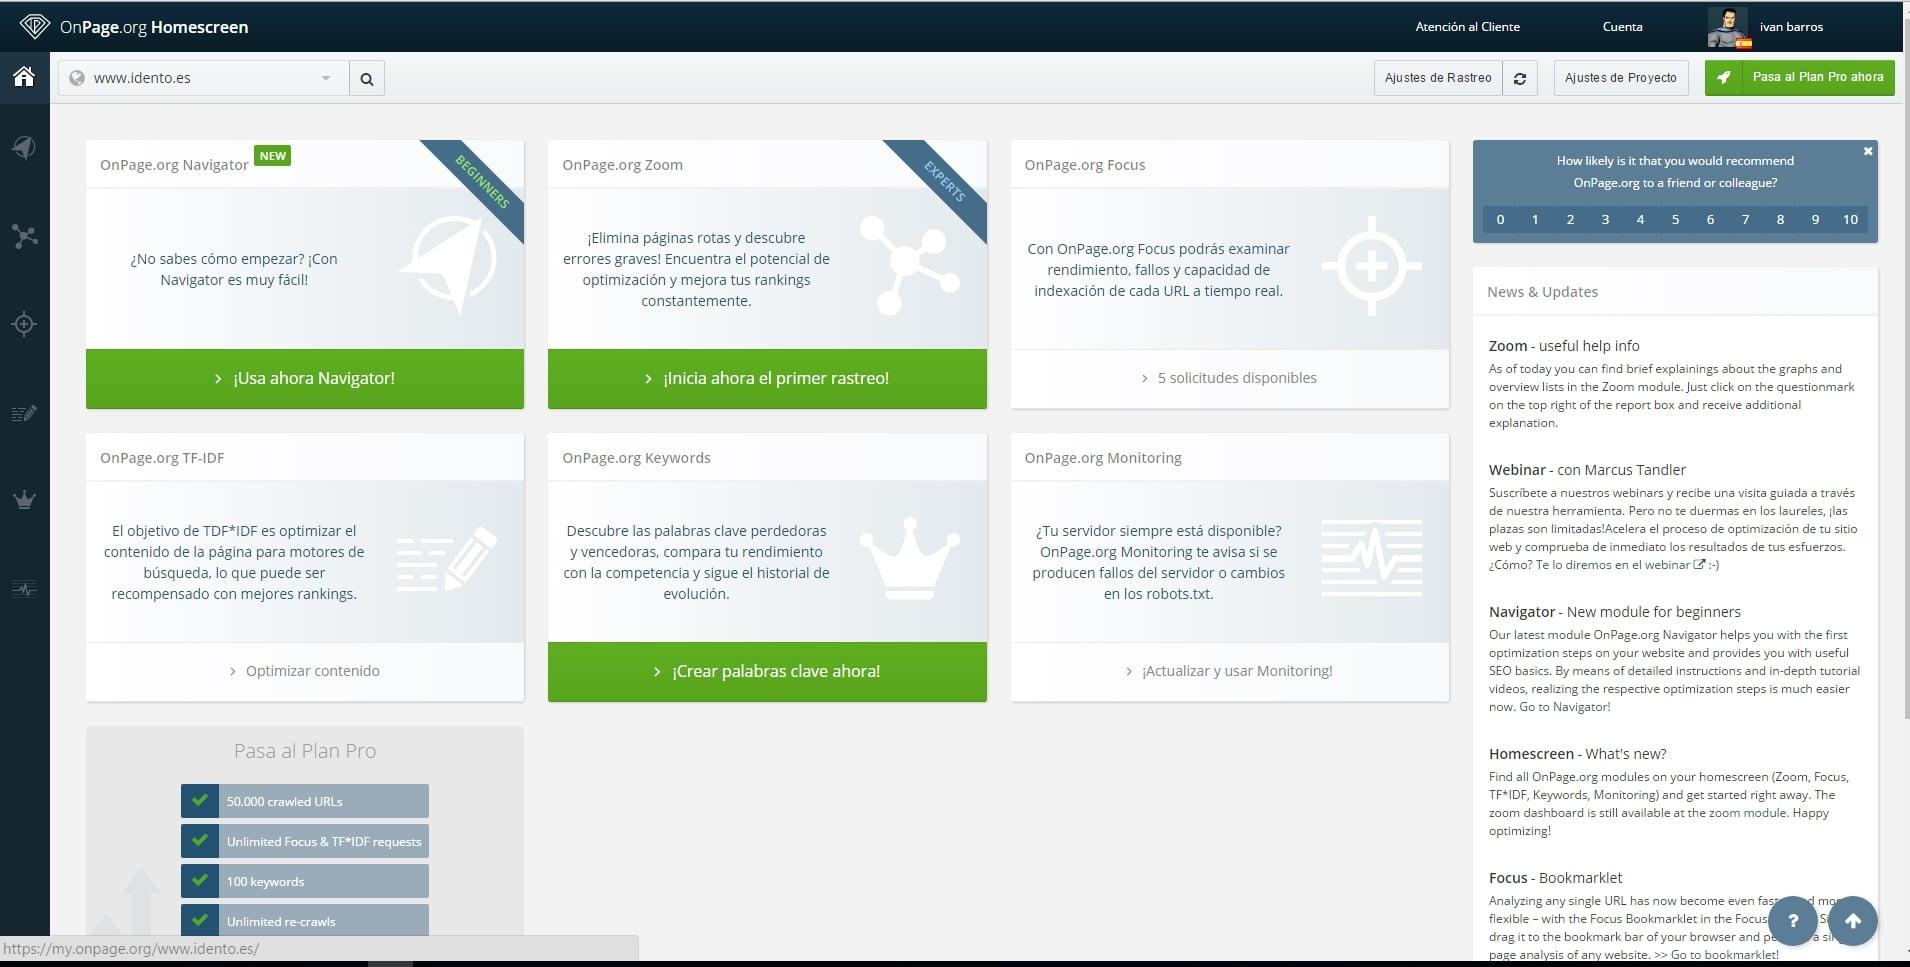 Herramientas SEO - Análisis Competencia y Backlinks | ONPage.org